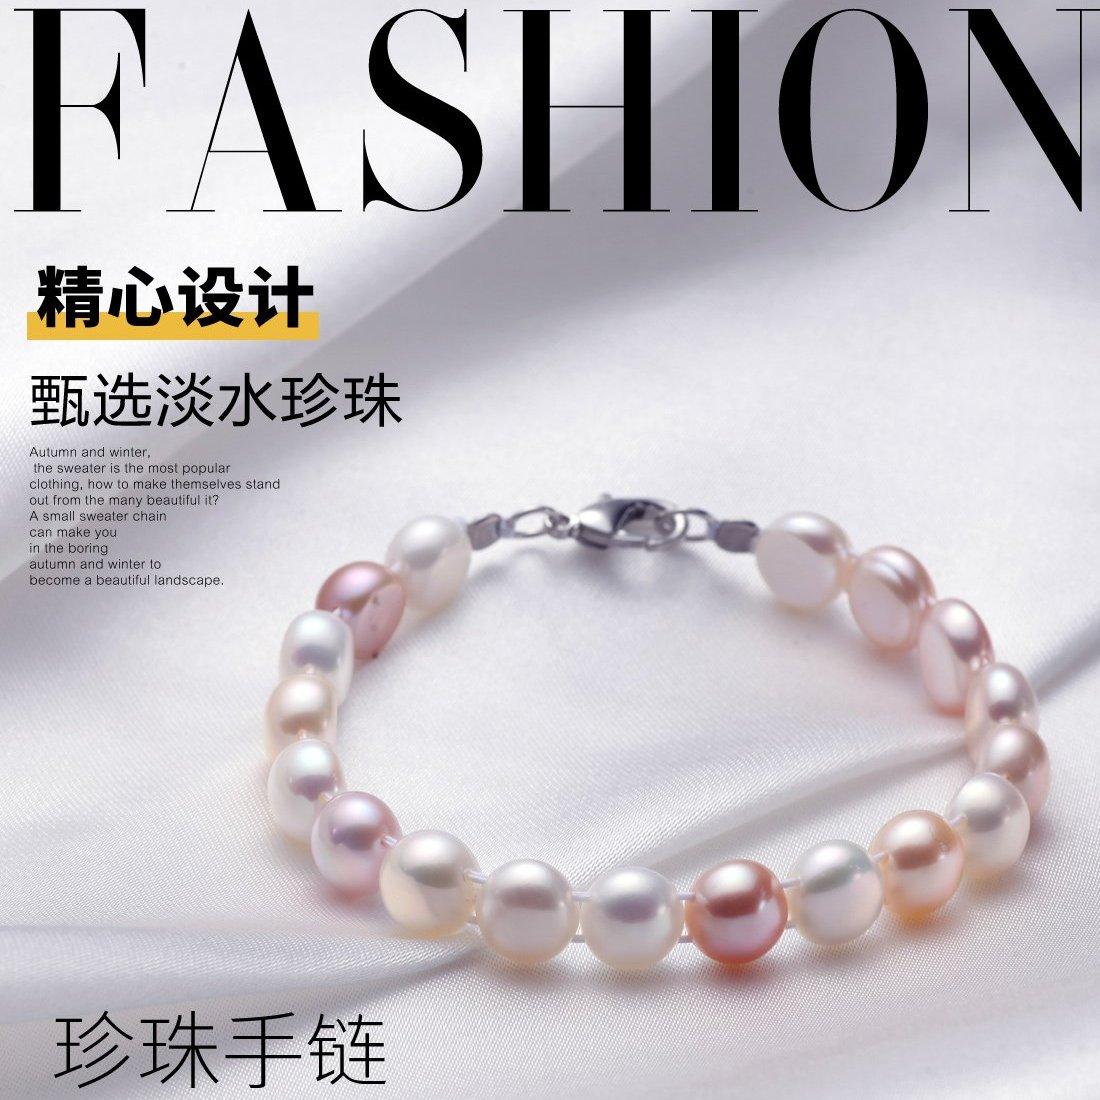 北海珍珠批发   批发淡水珍珠手链S925银